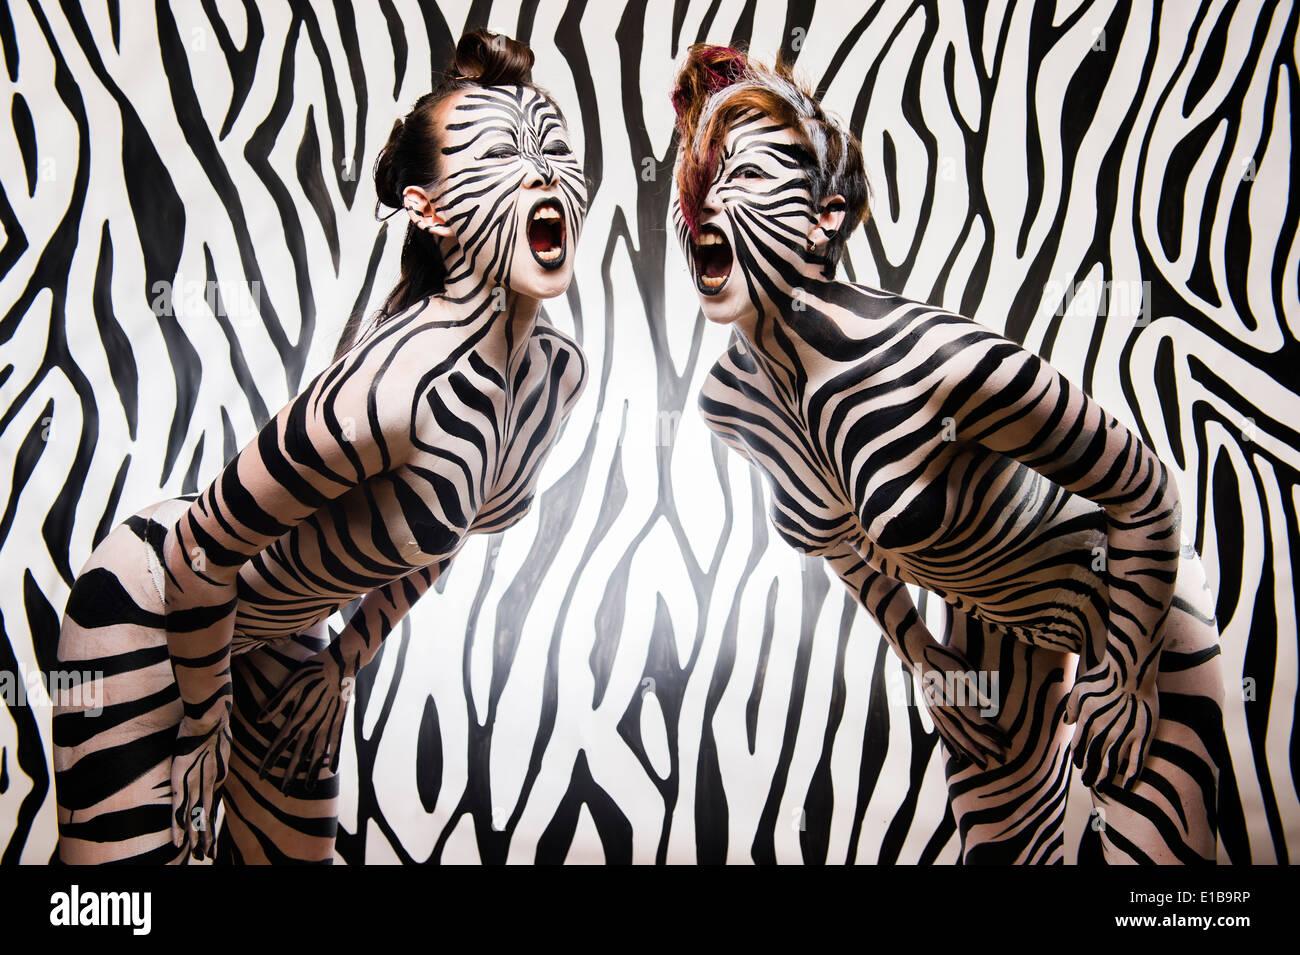 Zebra Striped Body Paint